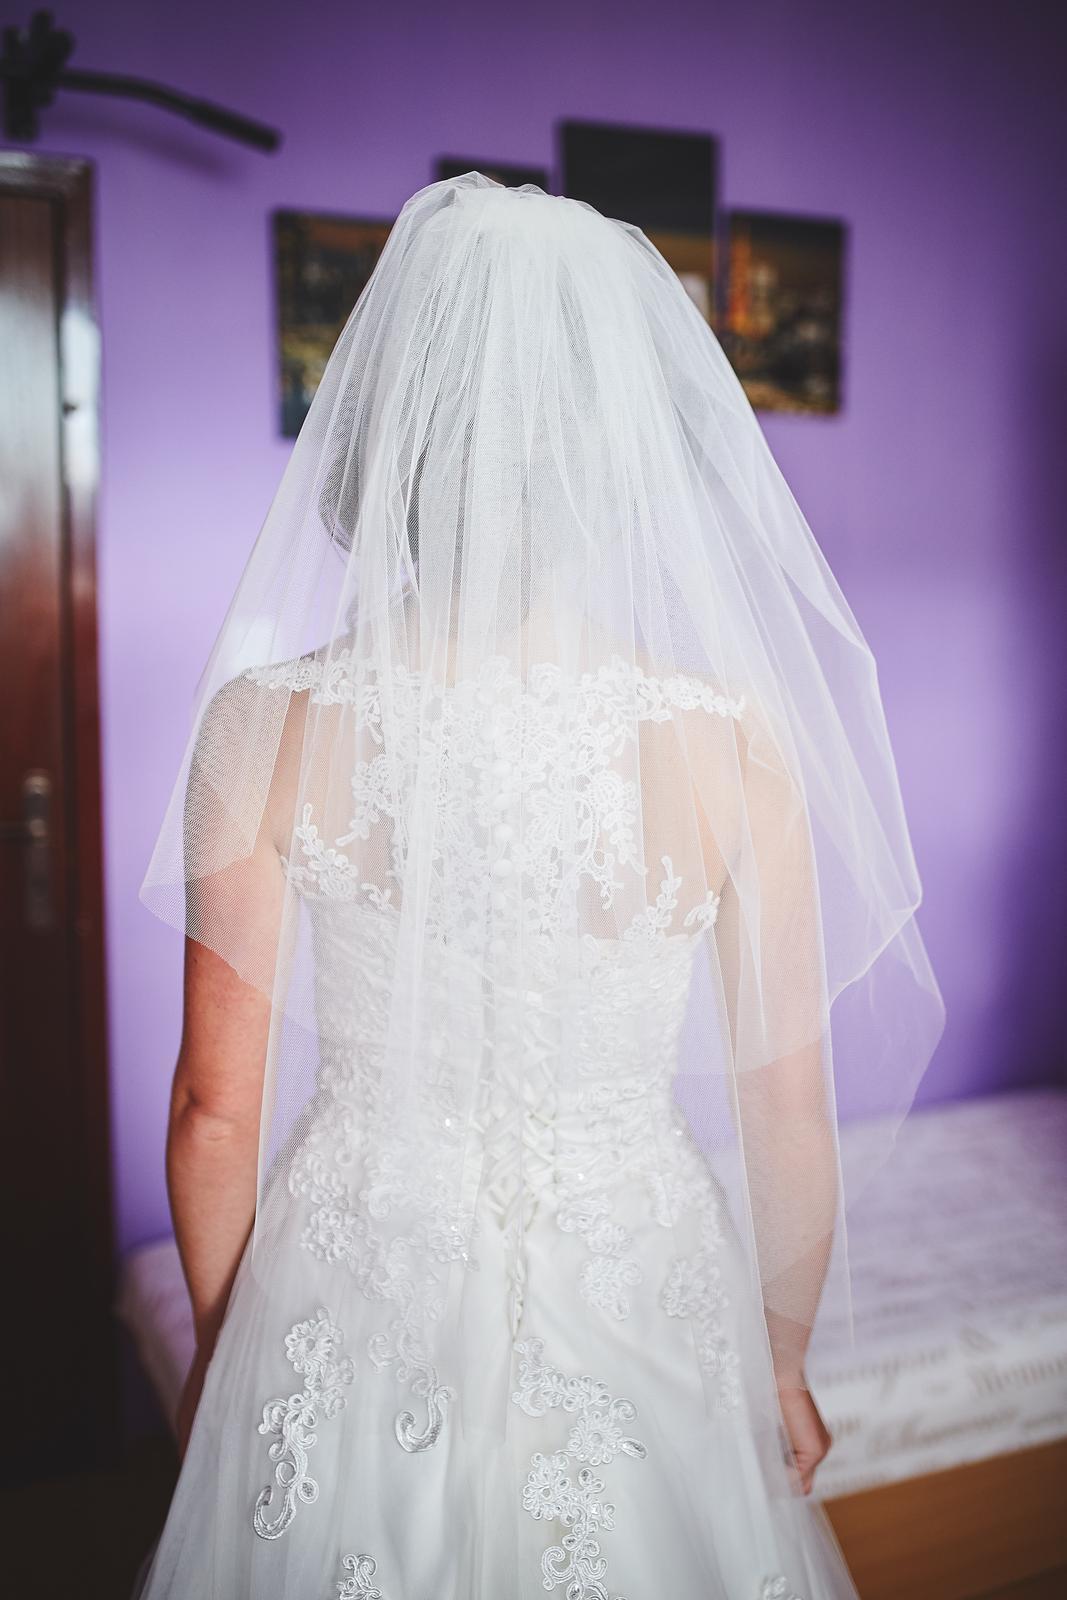 Svadobné Šaty šité svadobný ateliér by Salón Renky - Obrázok č. 2